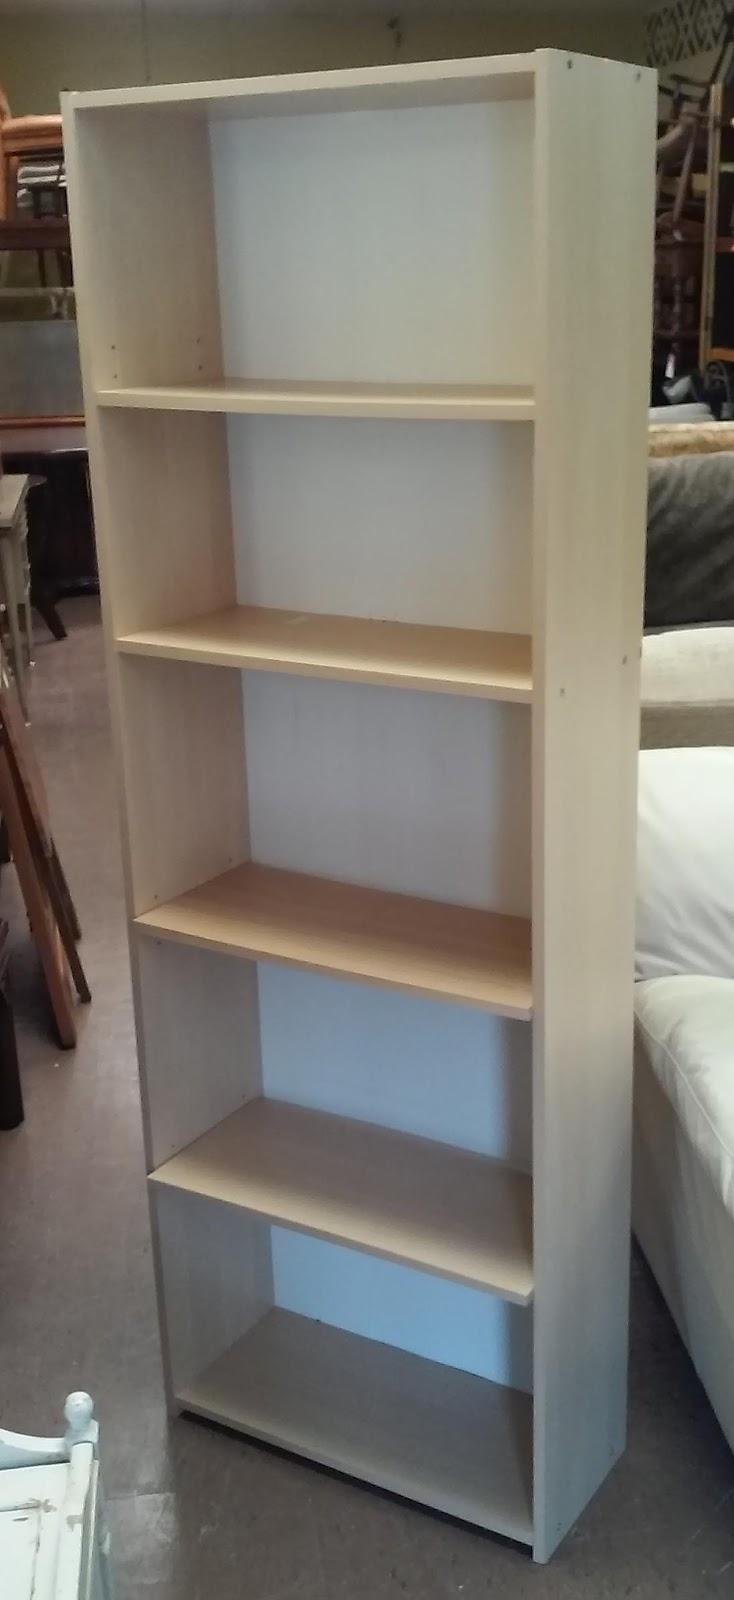 Sold 2 Wide Ikea Flarke Shelves 25 Each